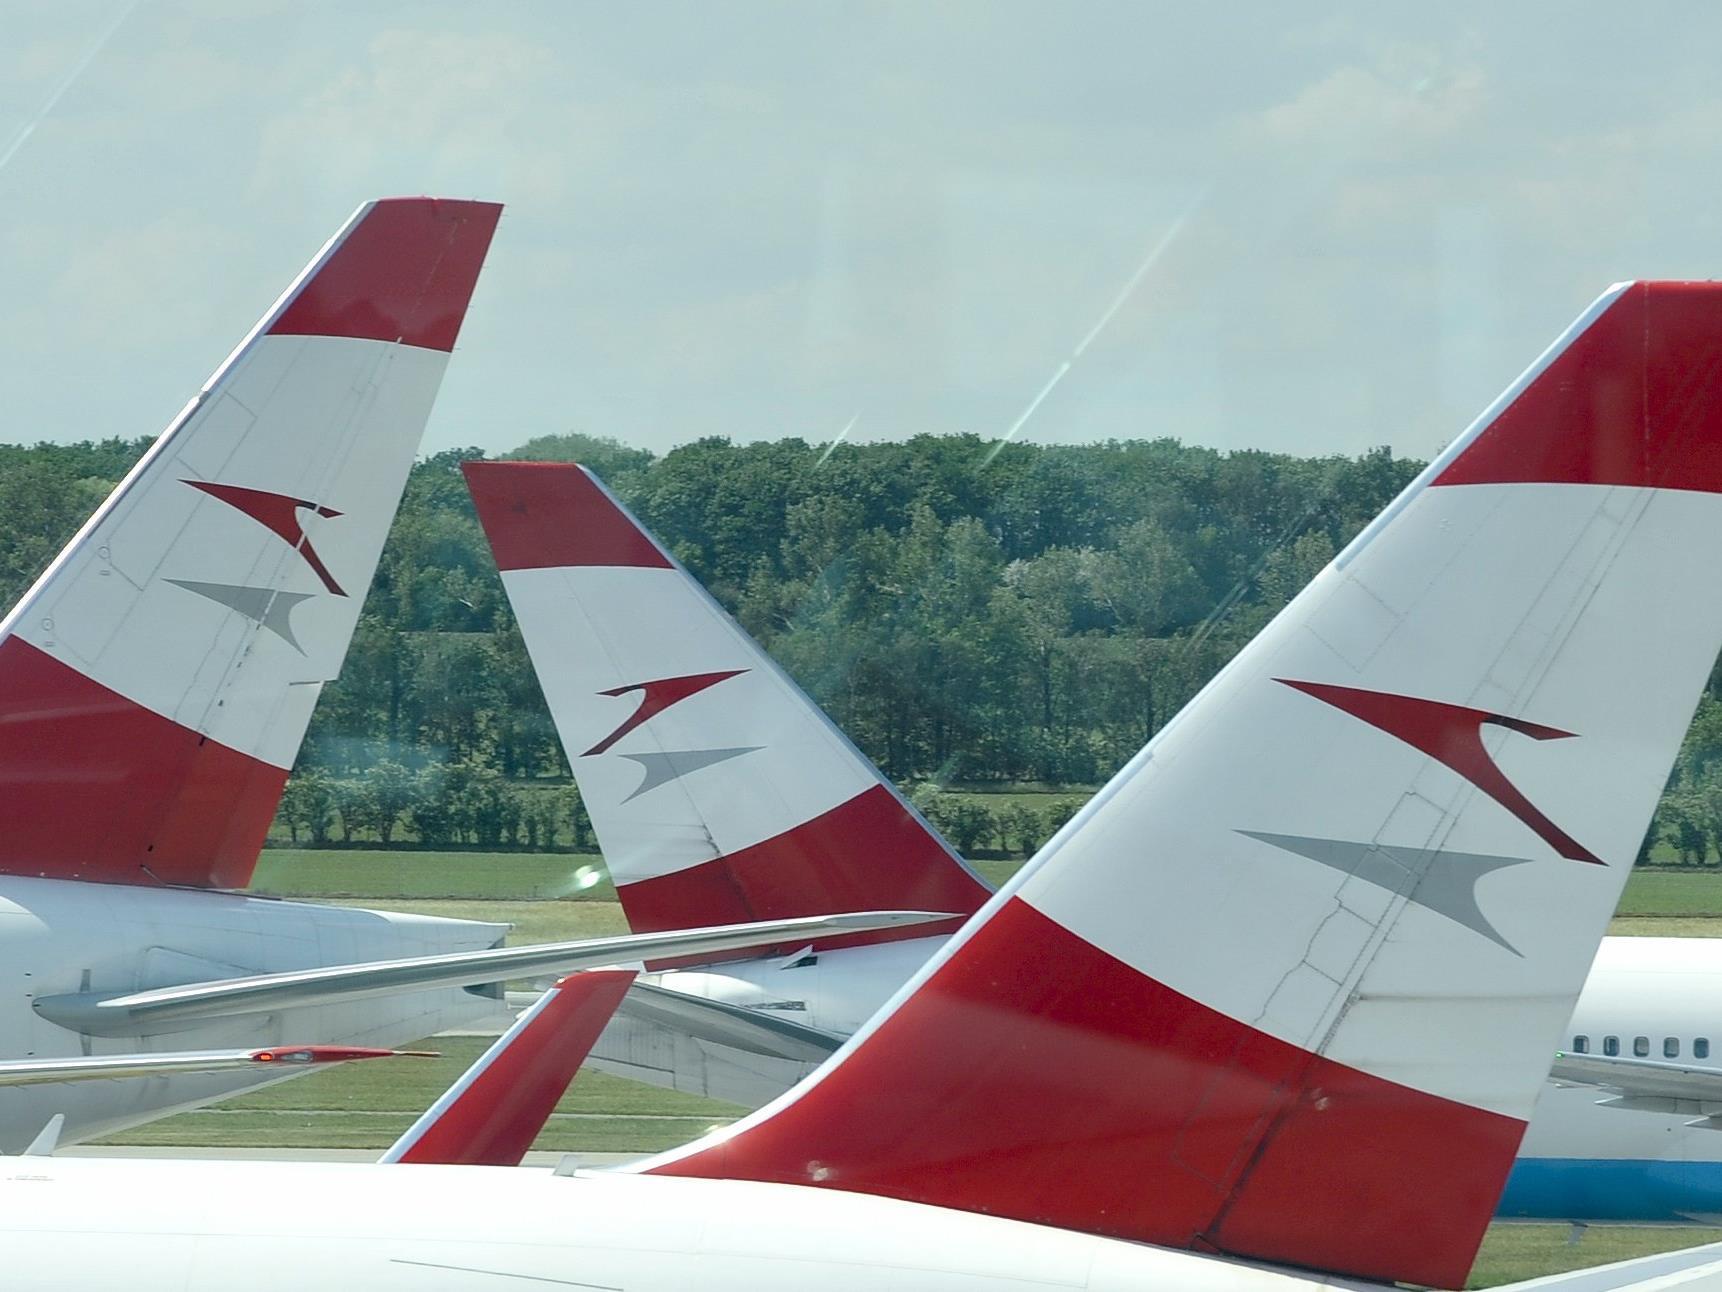 Aua Maschine Musste Bei Flug Nach New York Nach Wien Zurückkehren